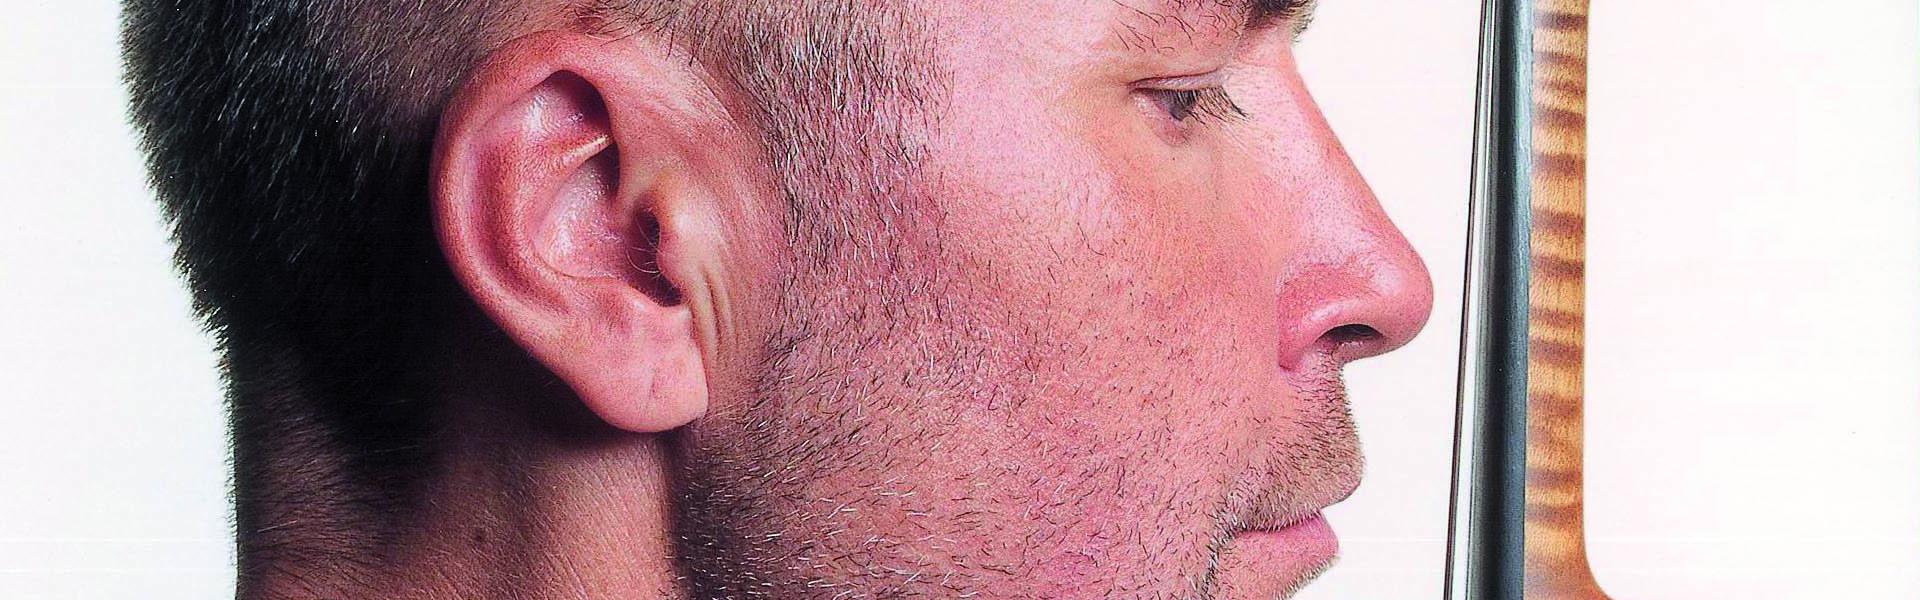 Nigel Kennedy - Head Shot - RANKIN HI RES 2